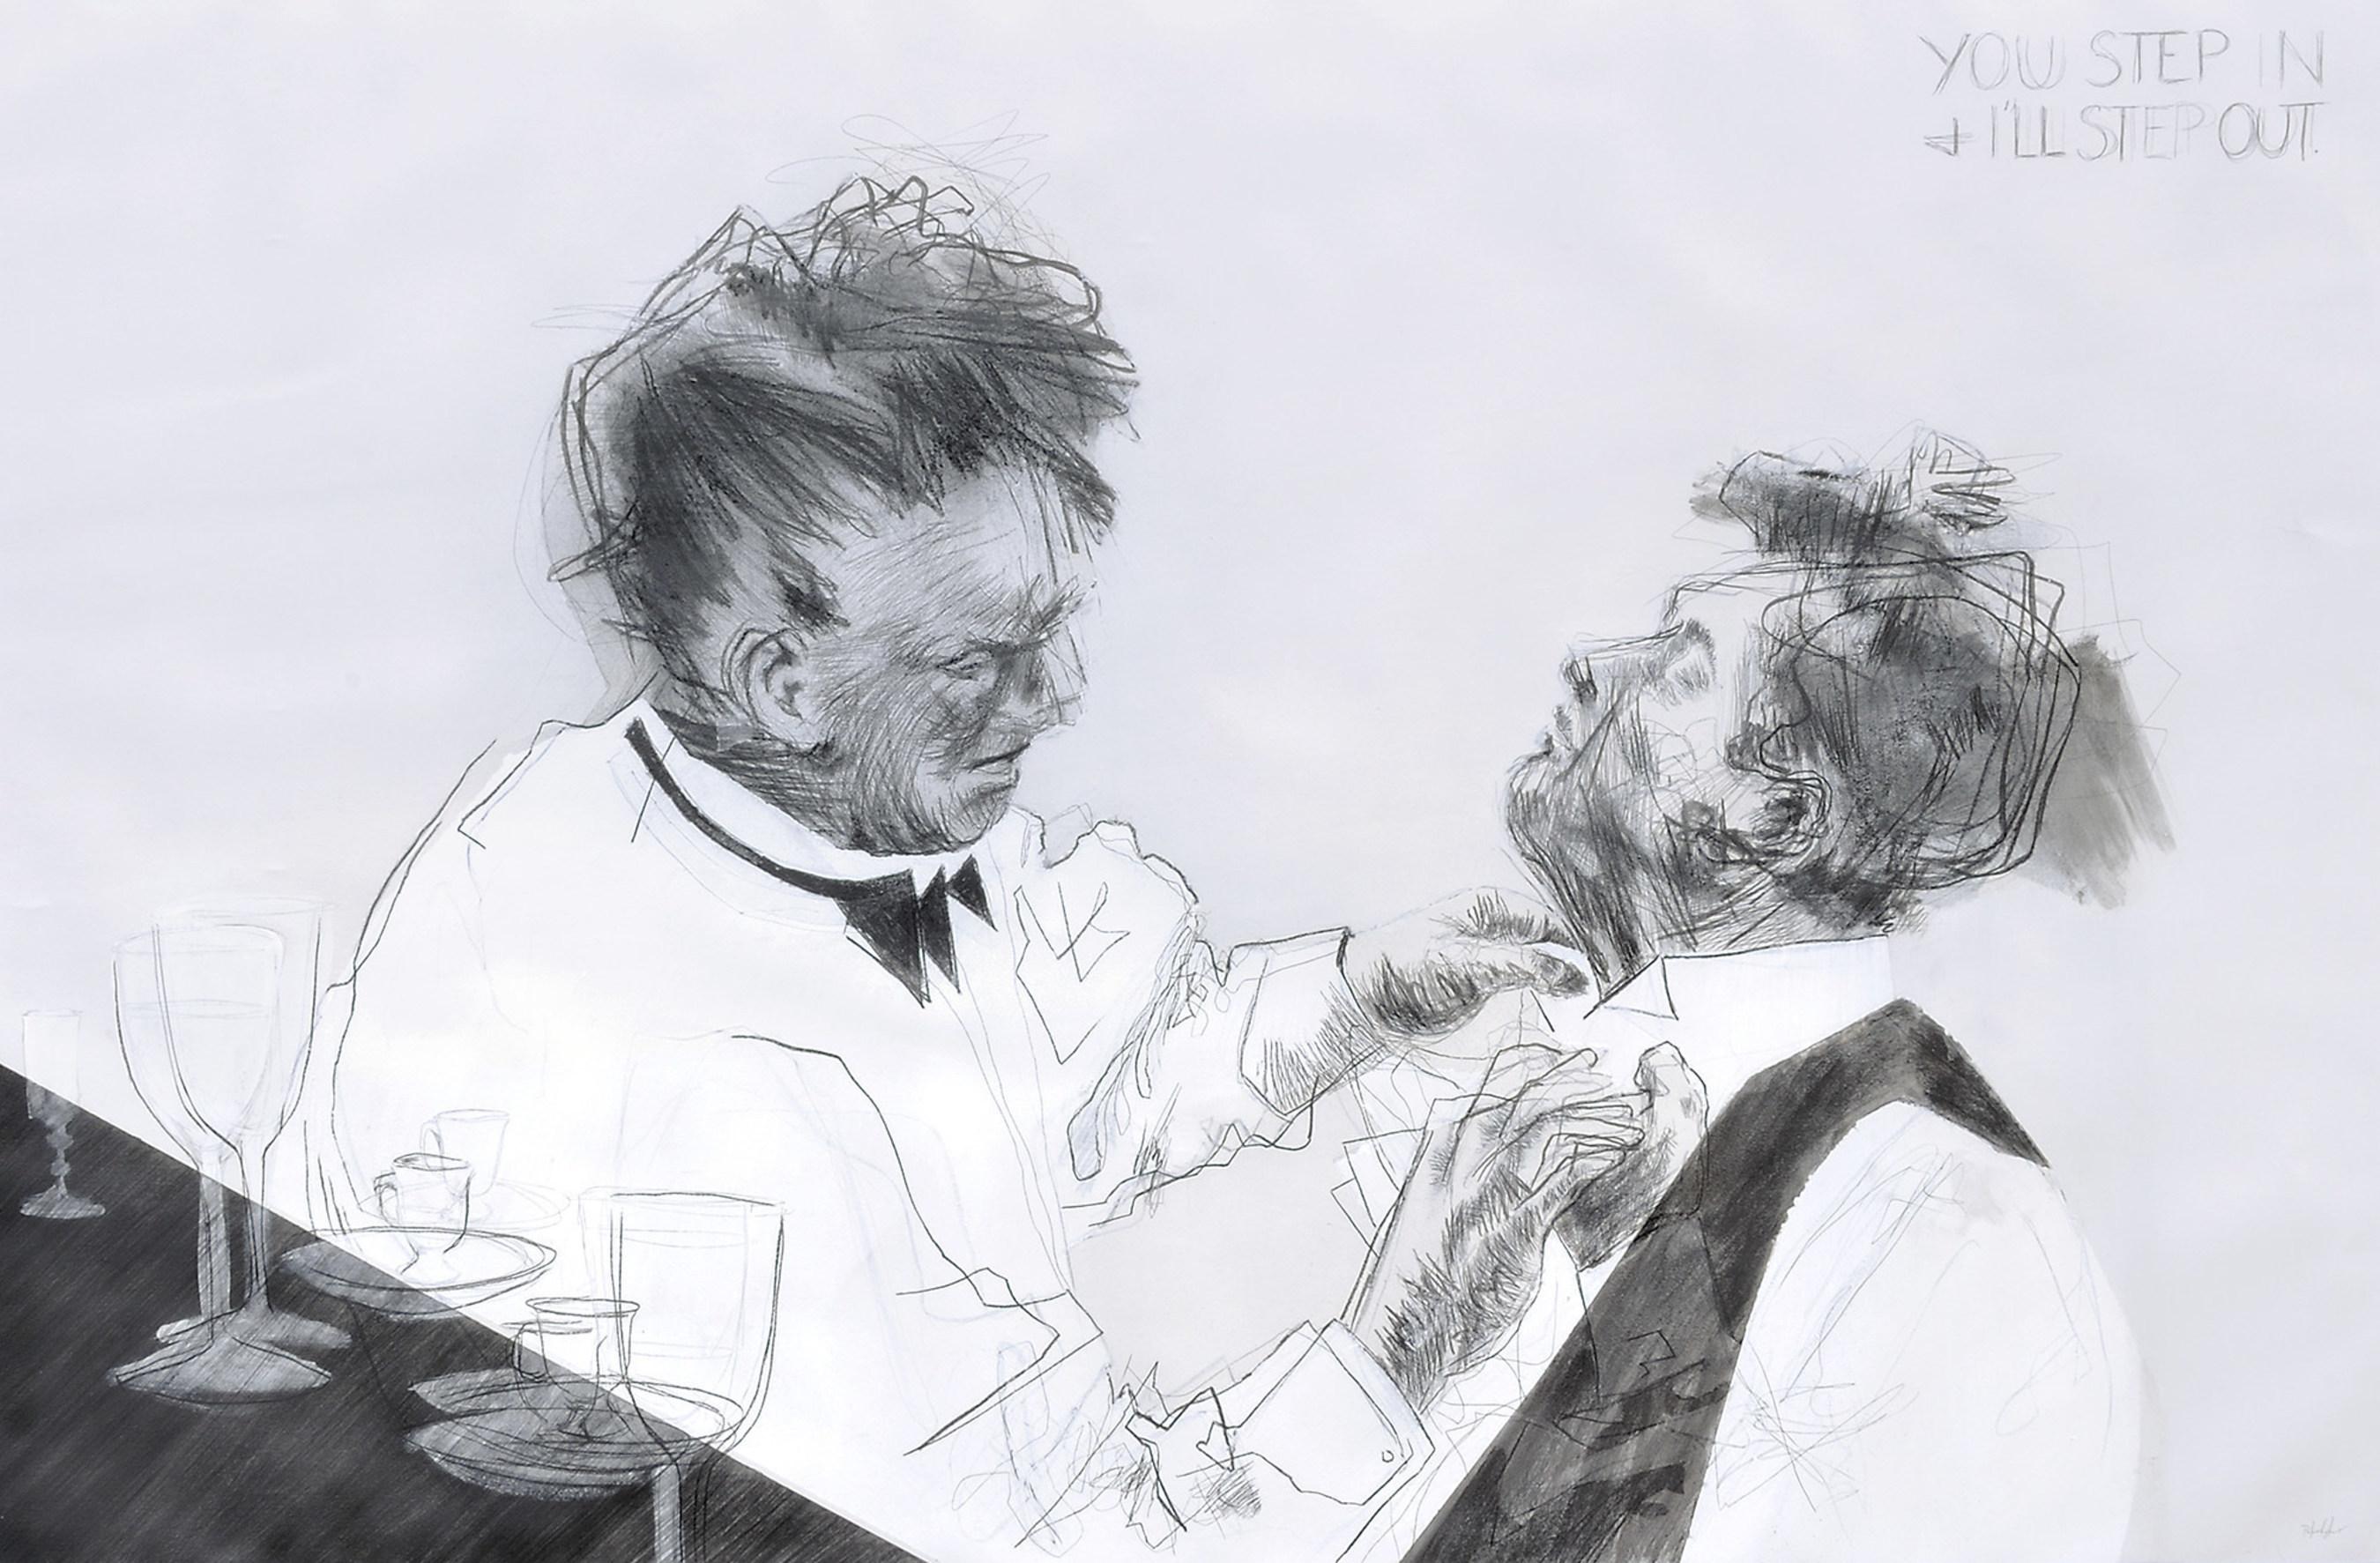 Padaric Kolander's You Step In Wins 2016 Hunting Art Prize